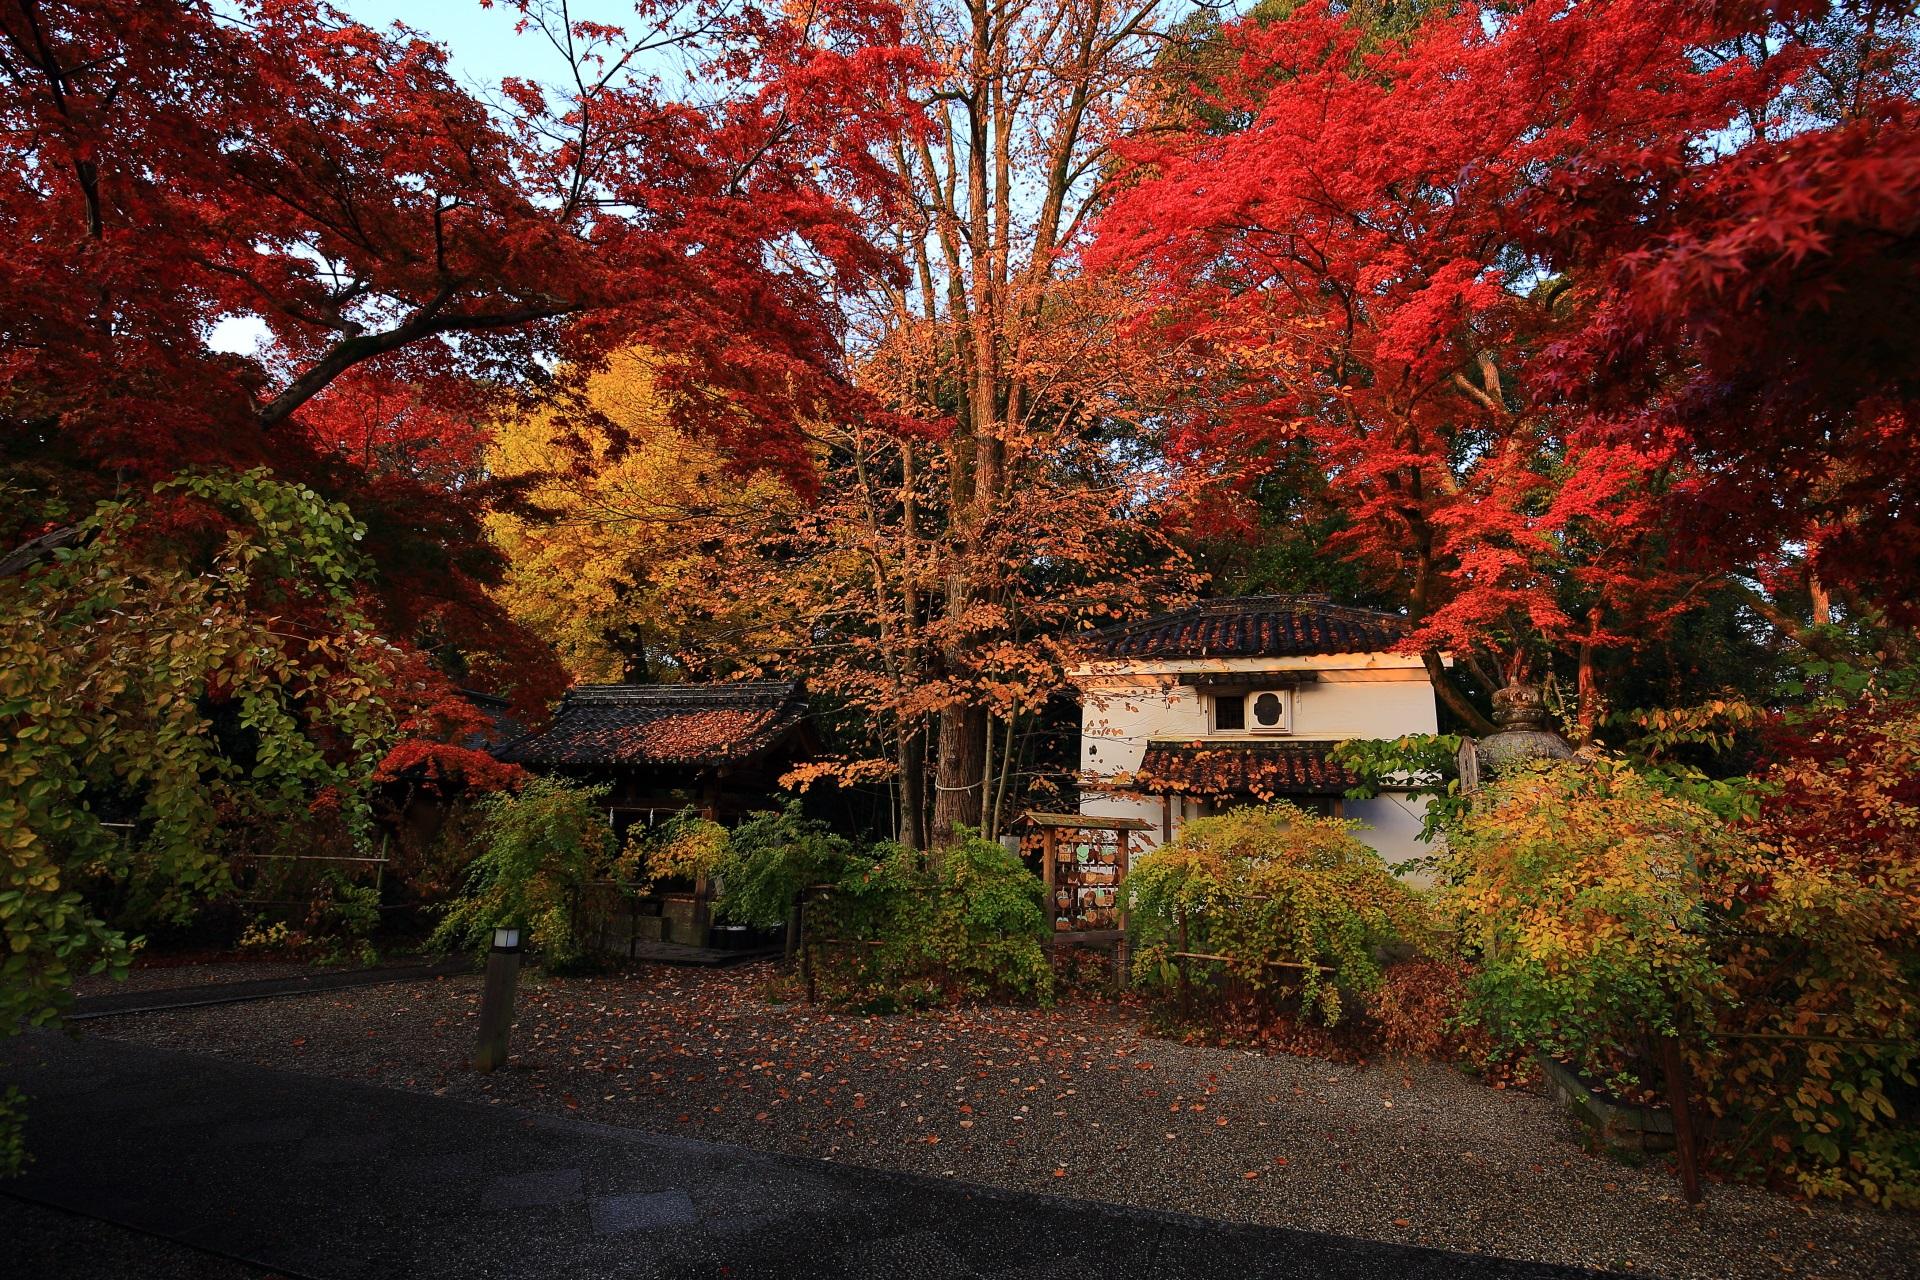 梨木神社の「染井の水」や土蔵を彩る紅葉や銀杏